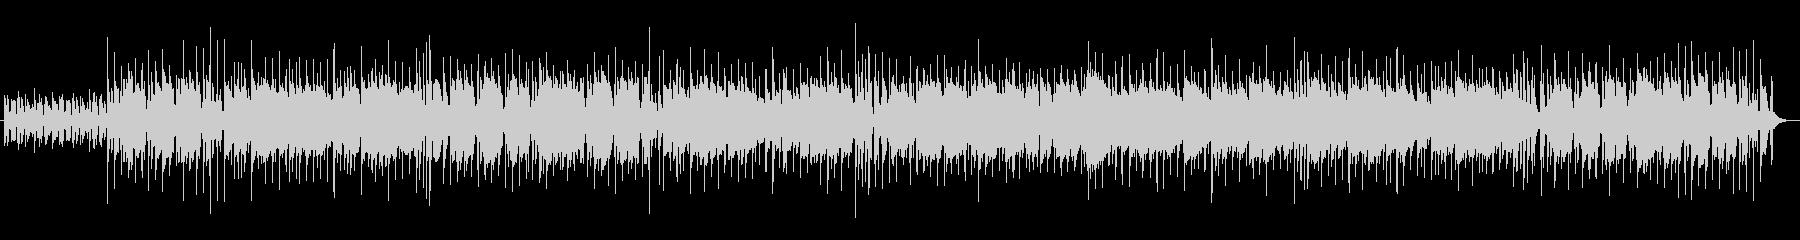 ピアノリフが印象的な都会的ポップの未再生の波形